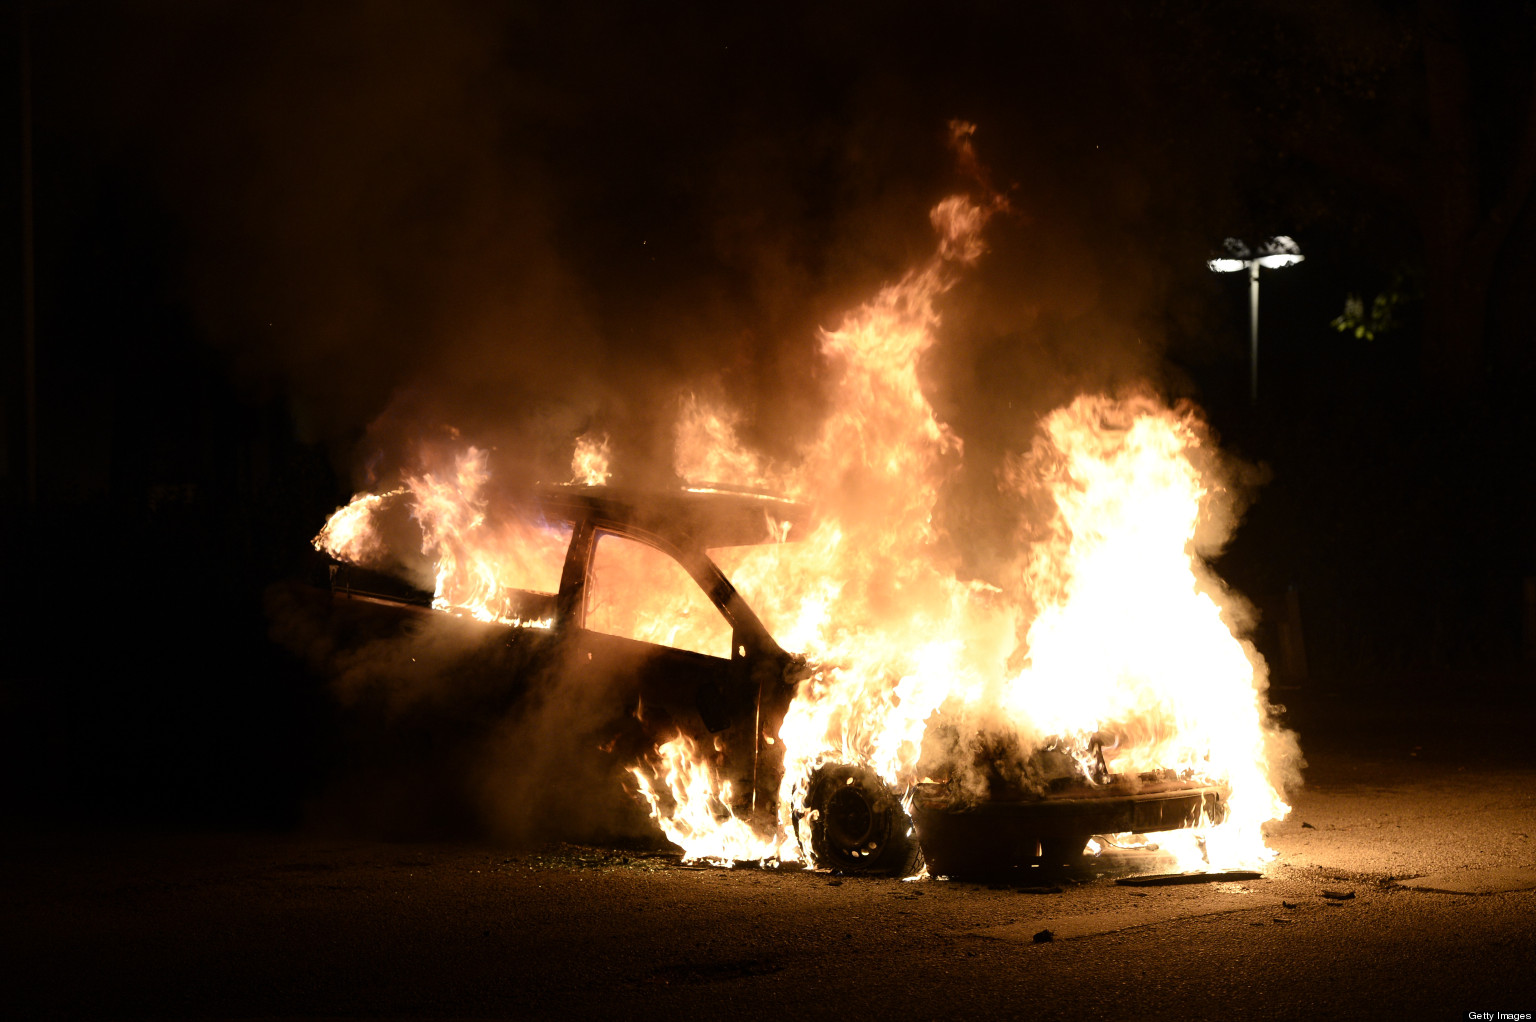 o-sweden-riots-1-arrested-arson-facebook.jpg